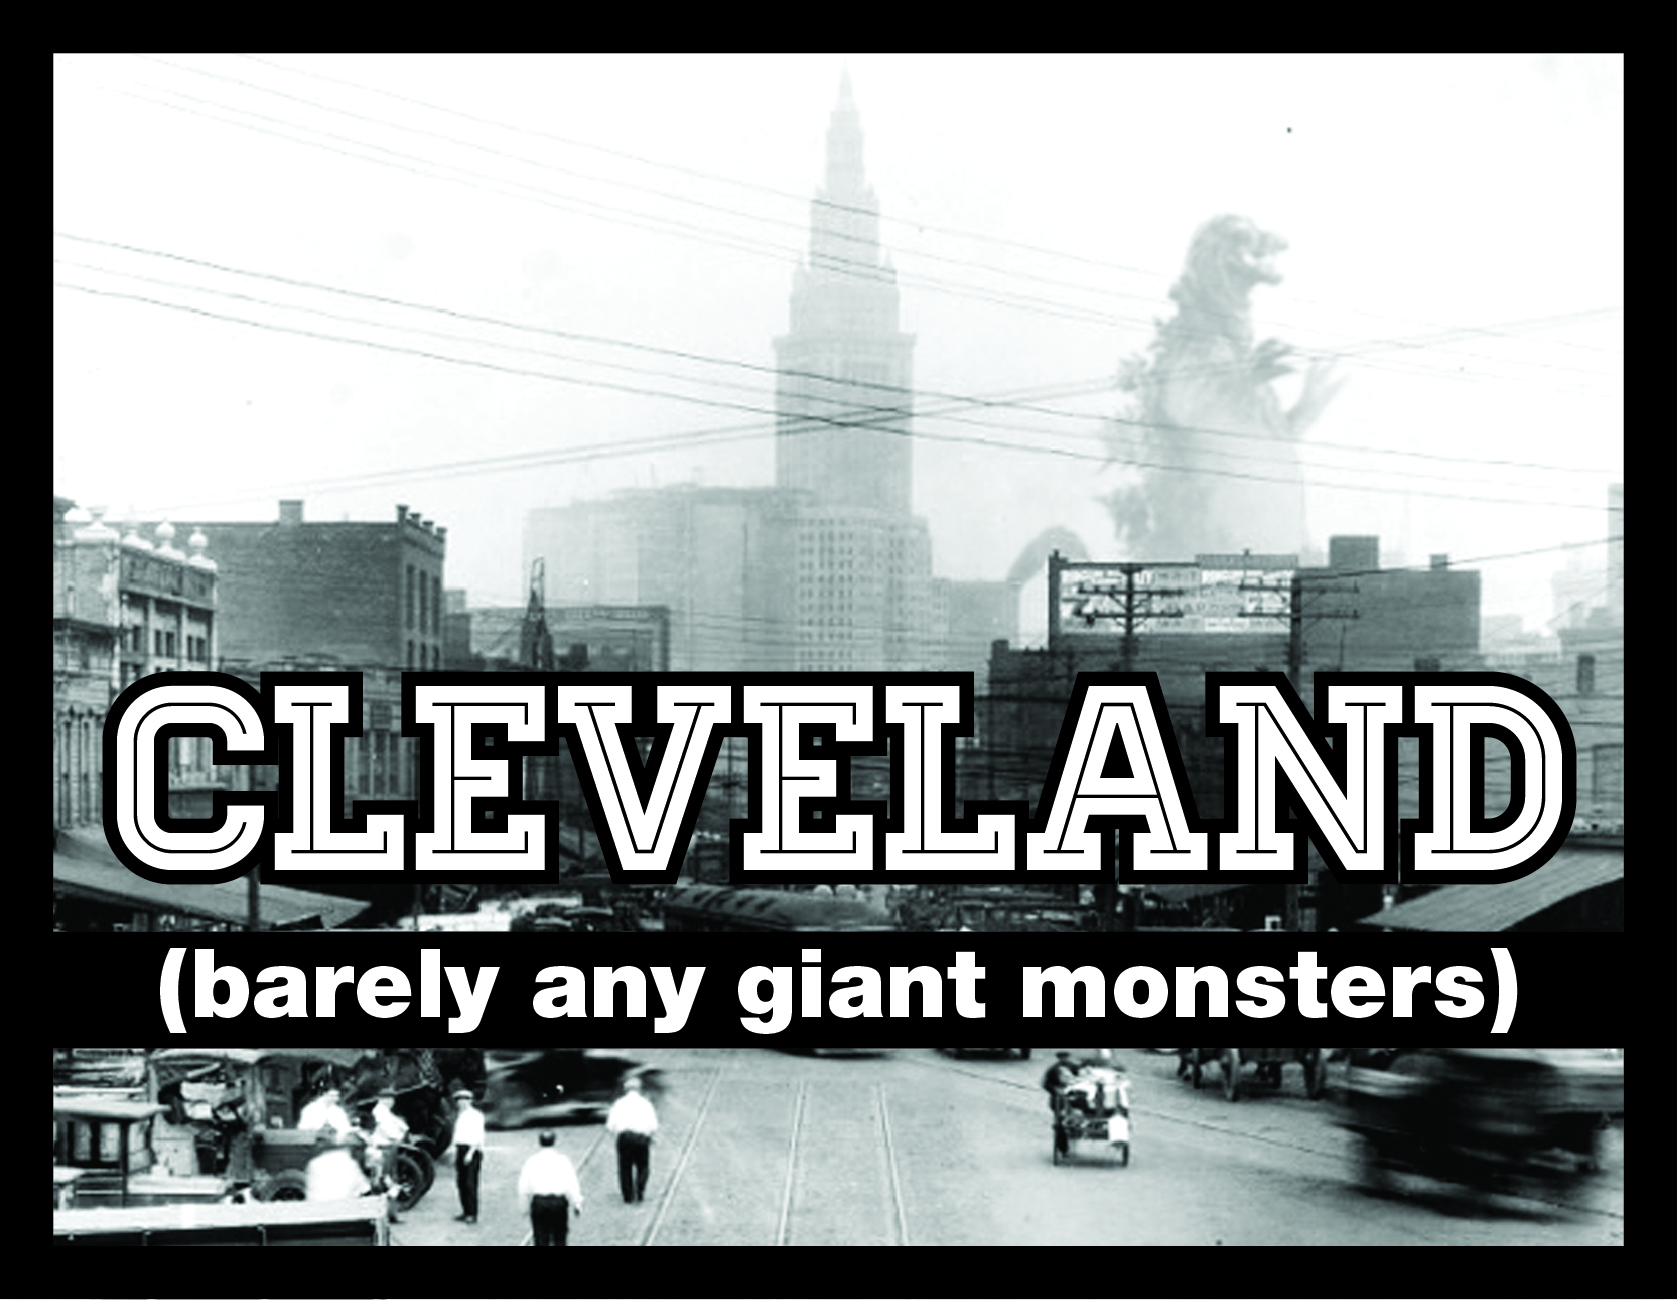 cleveland-postcard-godzilla